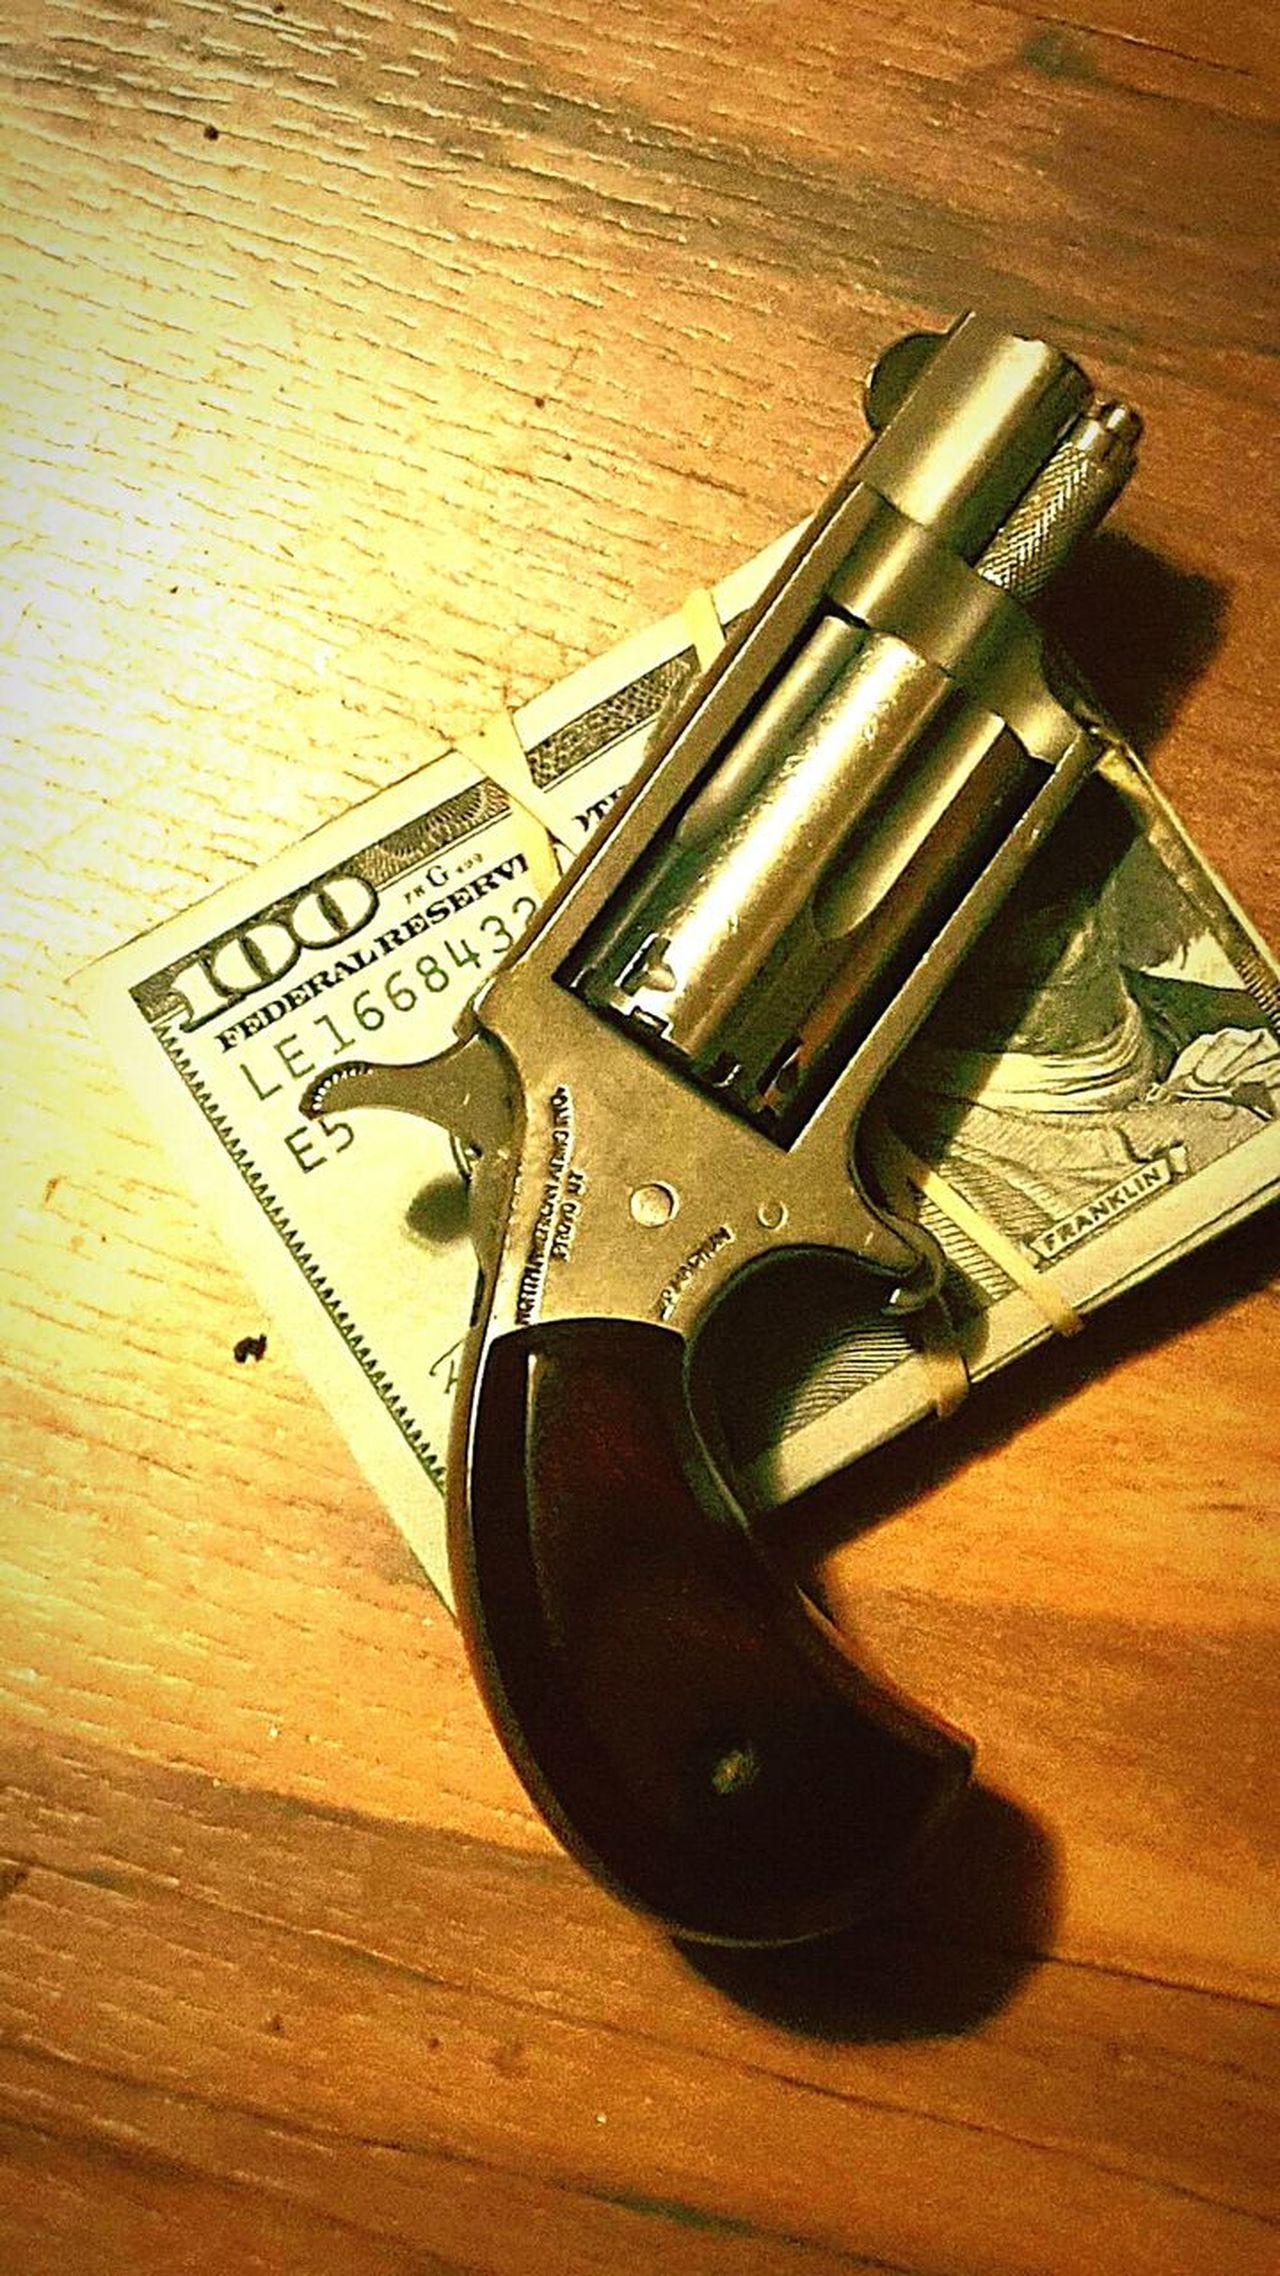 Gangsta Boss Life Derringer Pistol Bankroll Dirty South Concealcarry Concealed Gat Wood Grain Thug Life Old School OG Firearm DrugLife  Drug Dealing Druglord Drug Money Money Shot Toys Sneaky